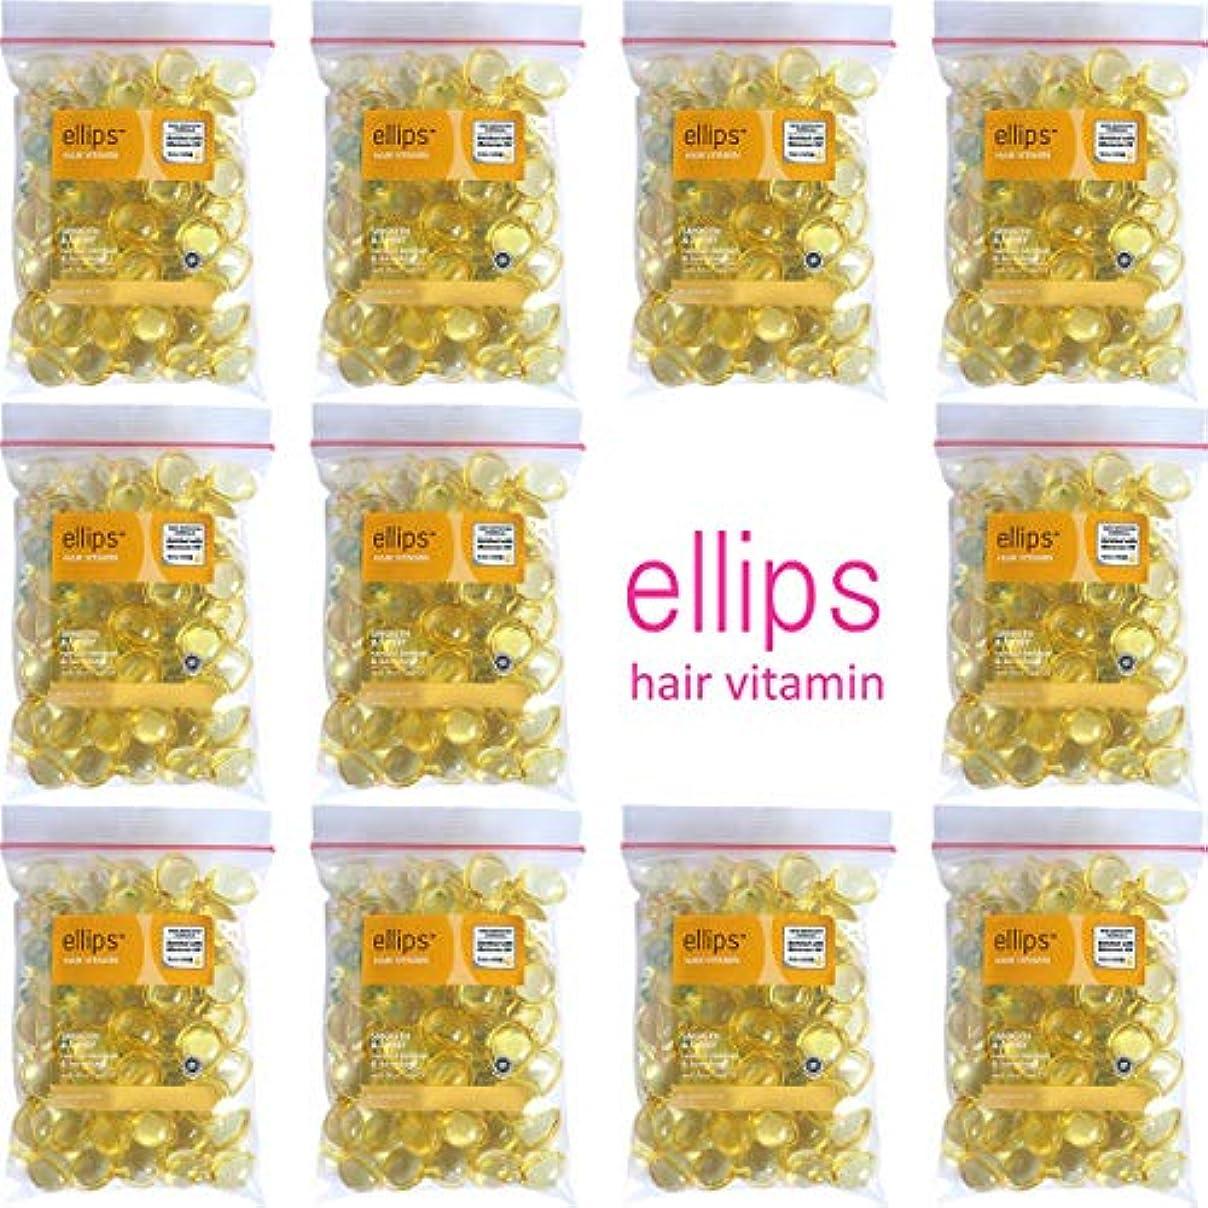 ハード配分寝室ellips エリプス エリップス ヘアビタミン ヘアオイル 洗い流さないトリートメント アウトレット袋詰め 50粒入×11個セット イエロー [海外直送品]